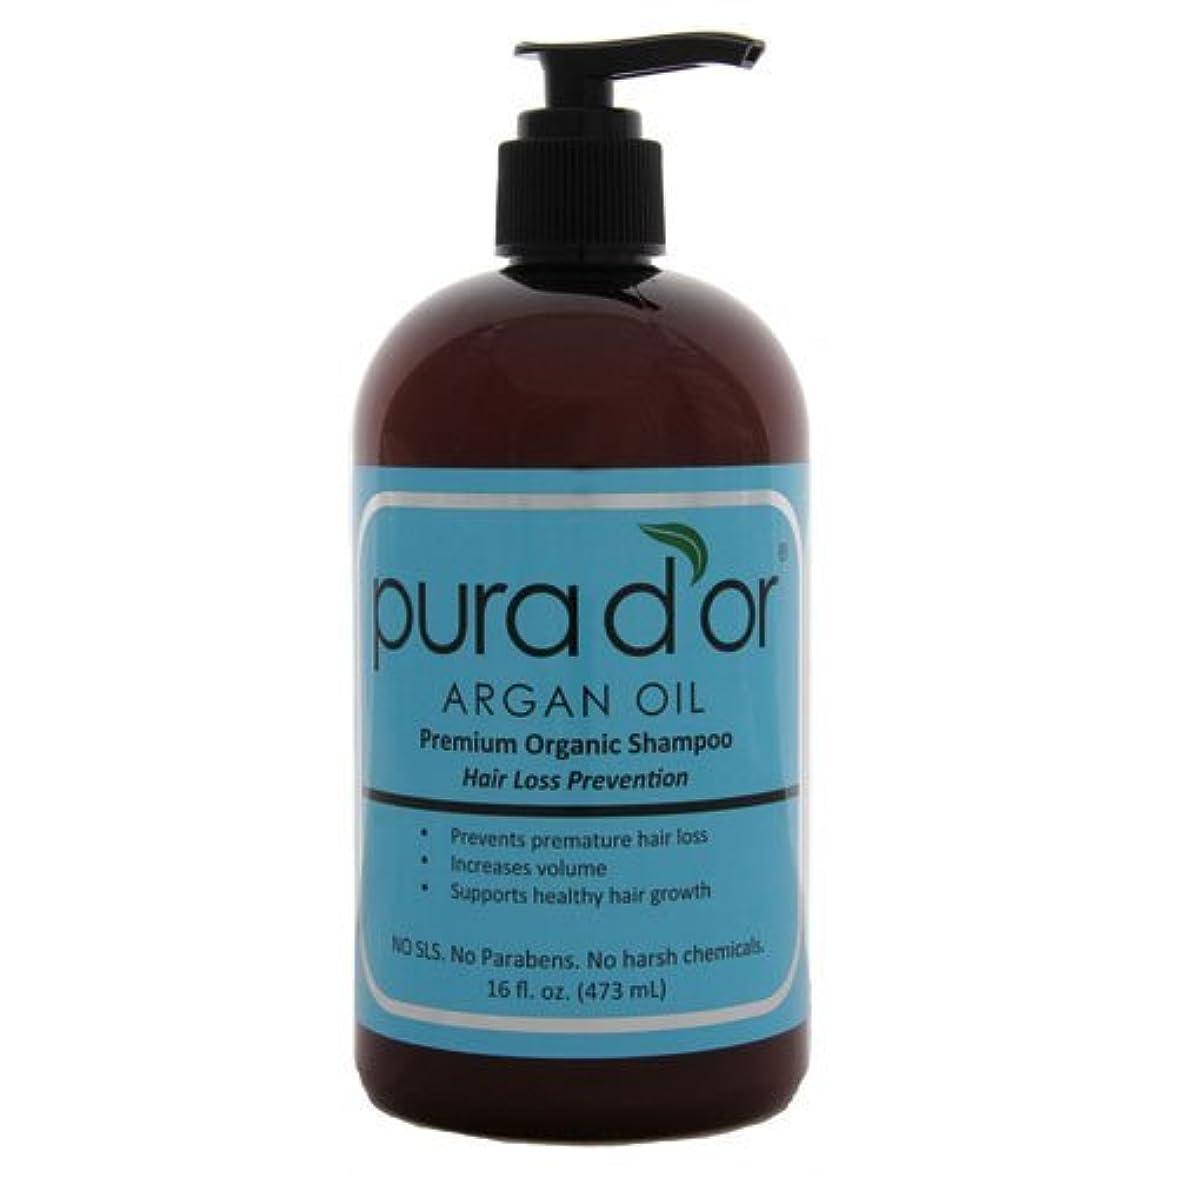 溶かす波カプセル【オーガニック】 DHTブロッカー シャンプー男女兼用 470ml【並行輸入品】 Pura d'or Hair Loss Prevention Premium Organic Shampoo 16oz